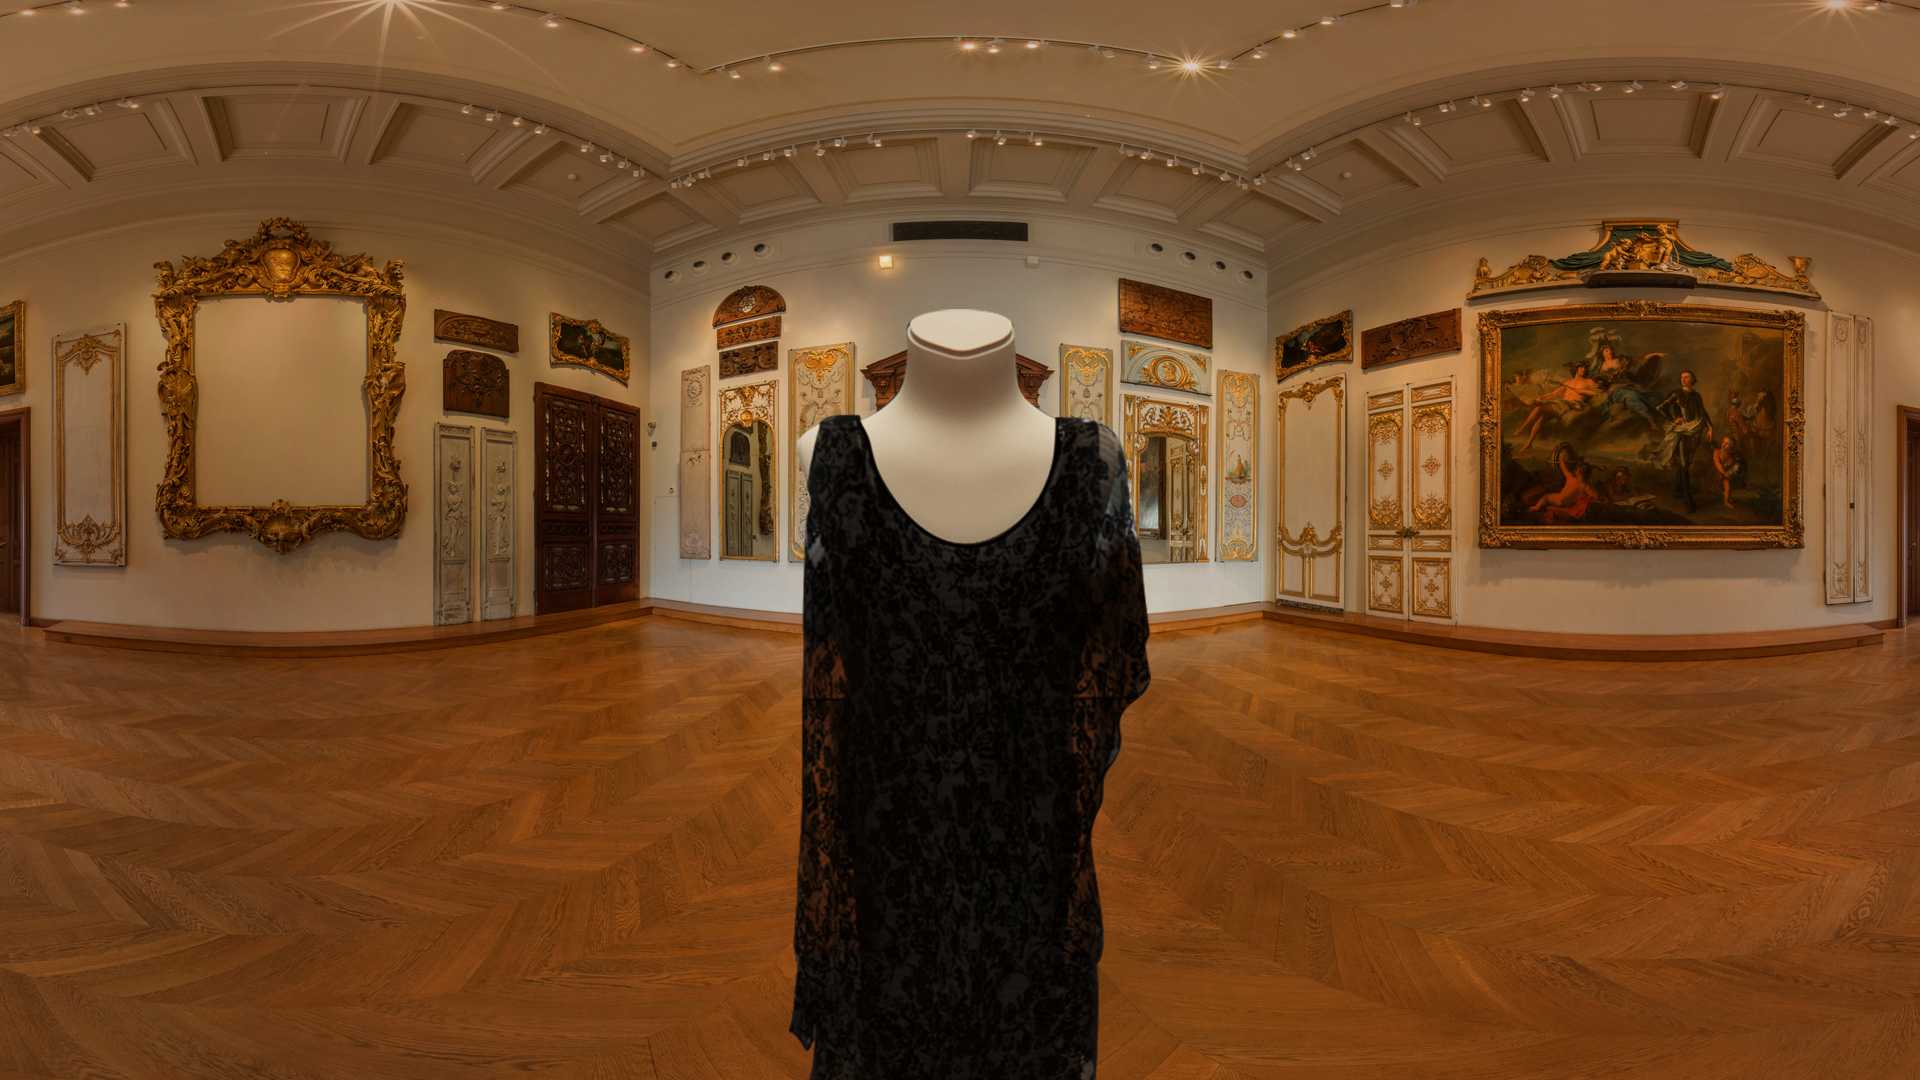 El clásico vestido negro de Chanel que marcó la historia, dejando atrás el significado del color 'luto'